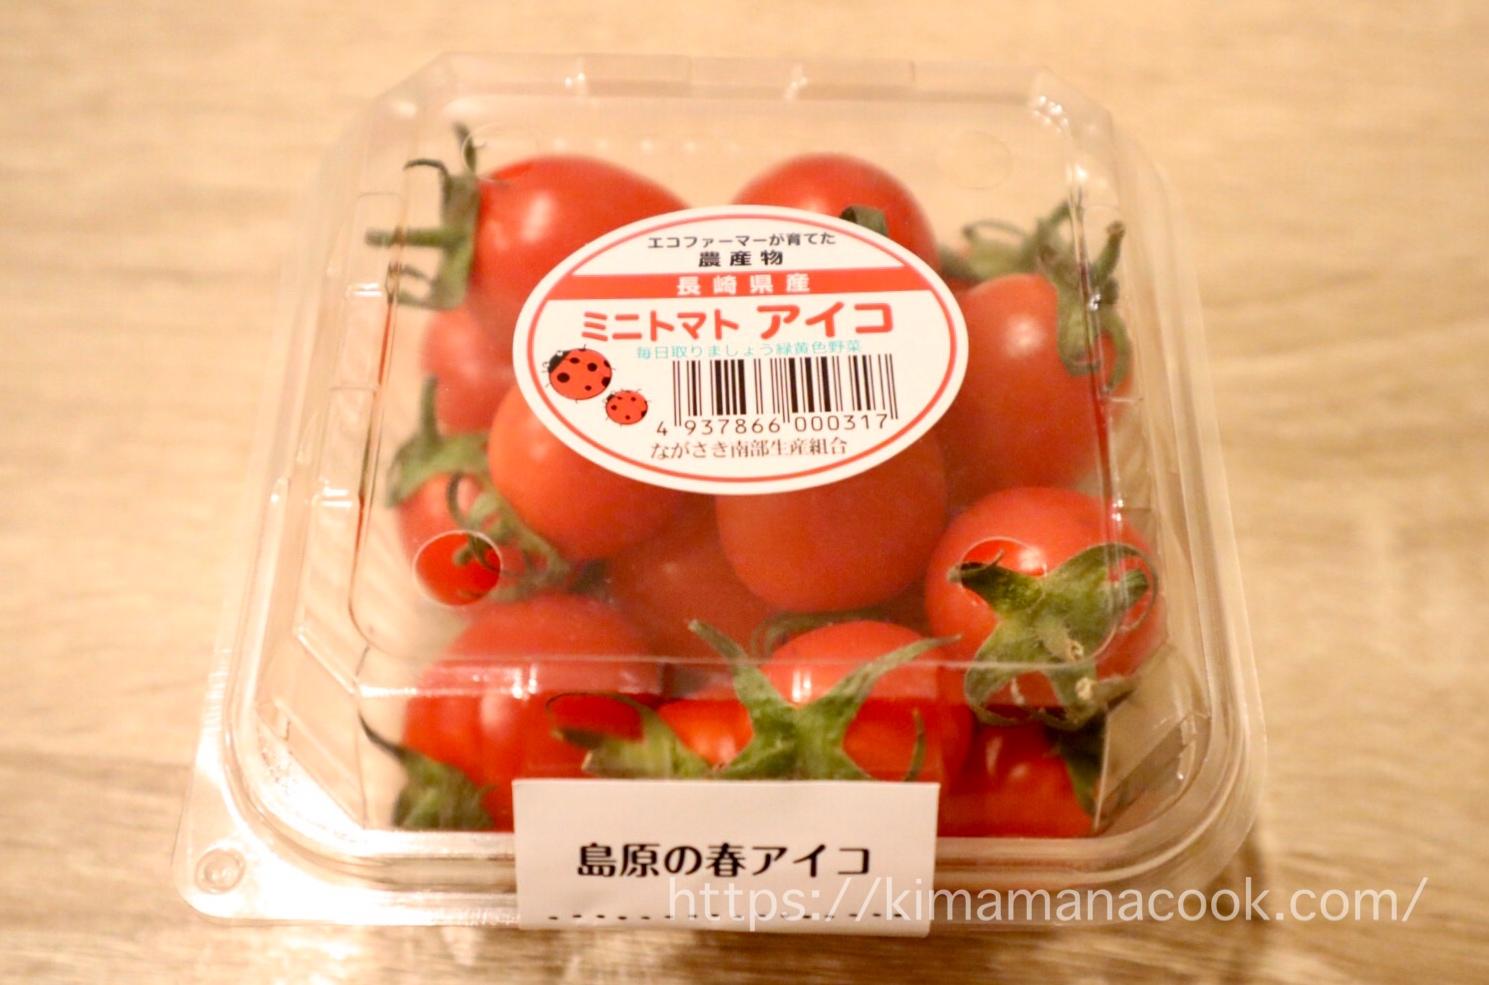 らでぃっしゅぼーやおためしセットのミニトマト